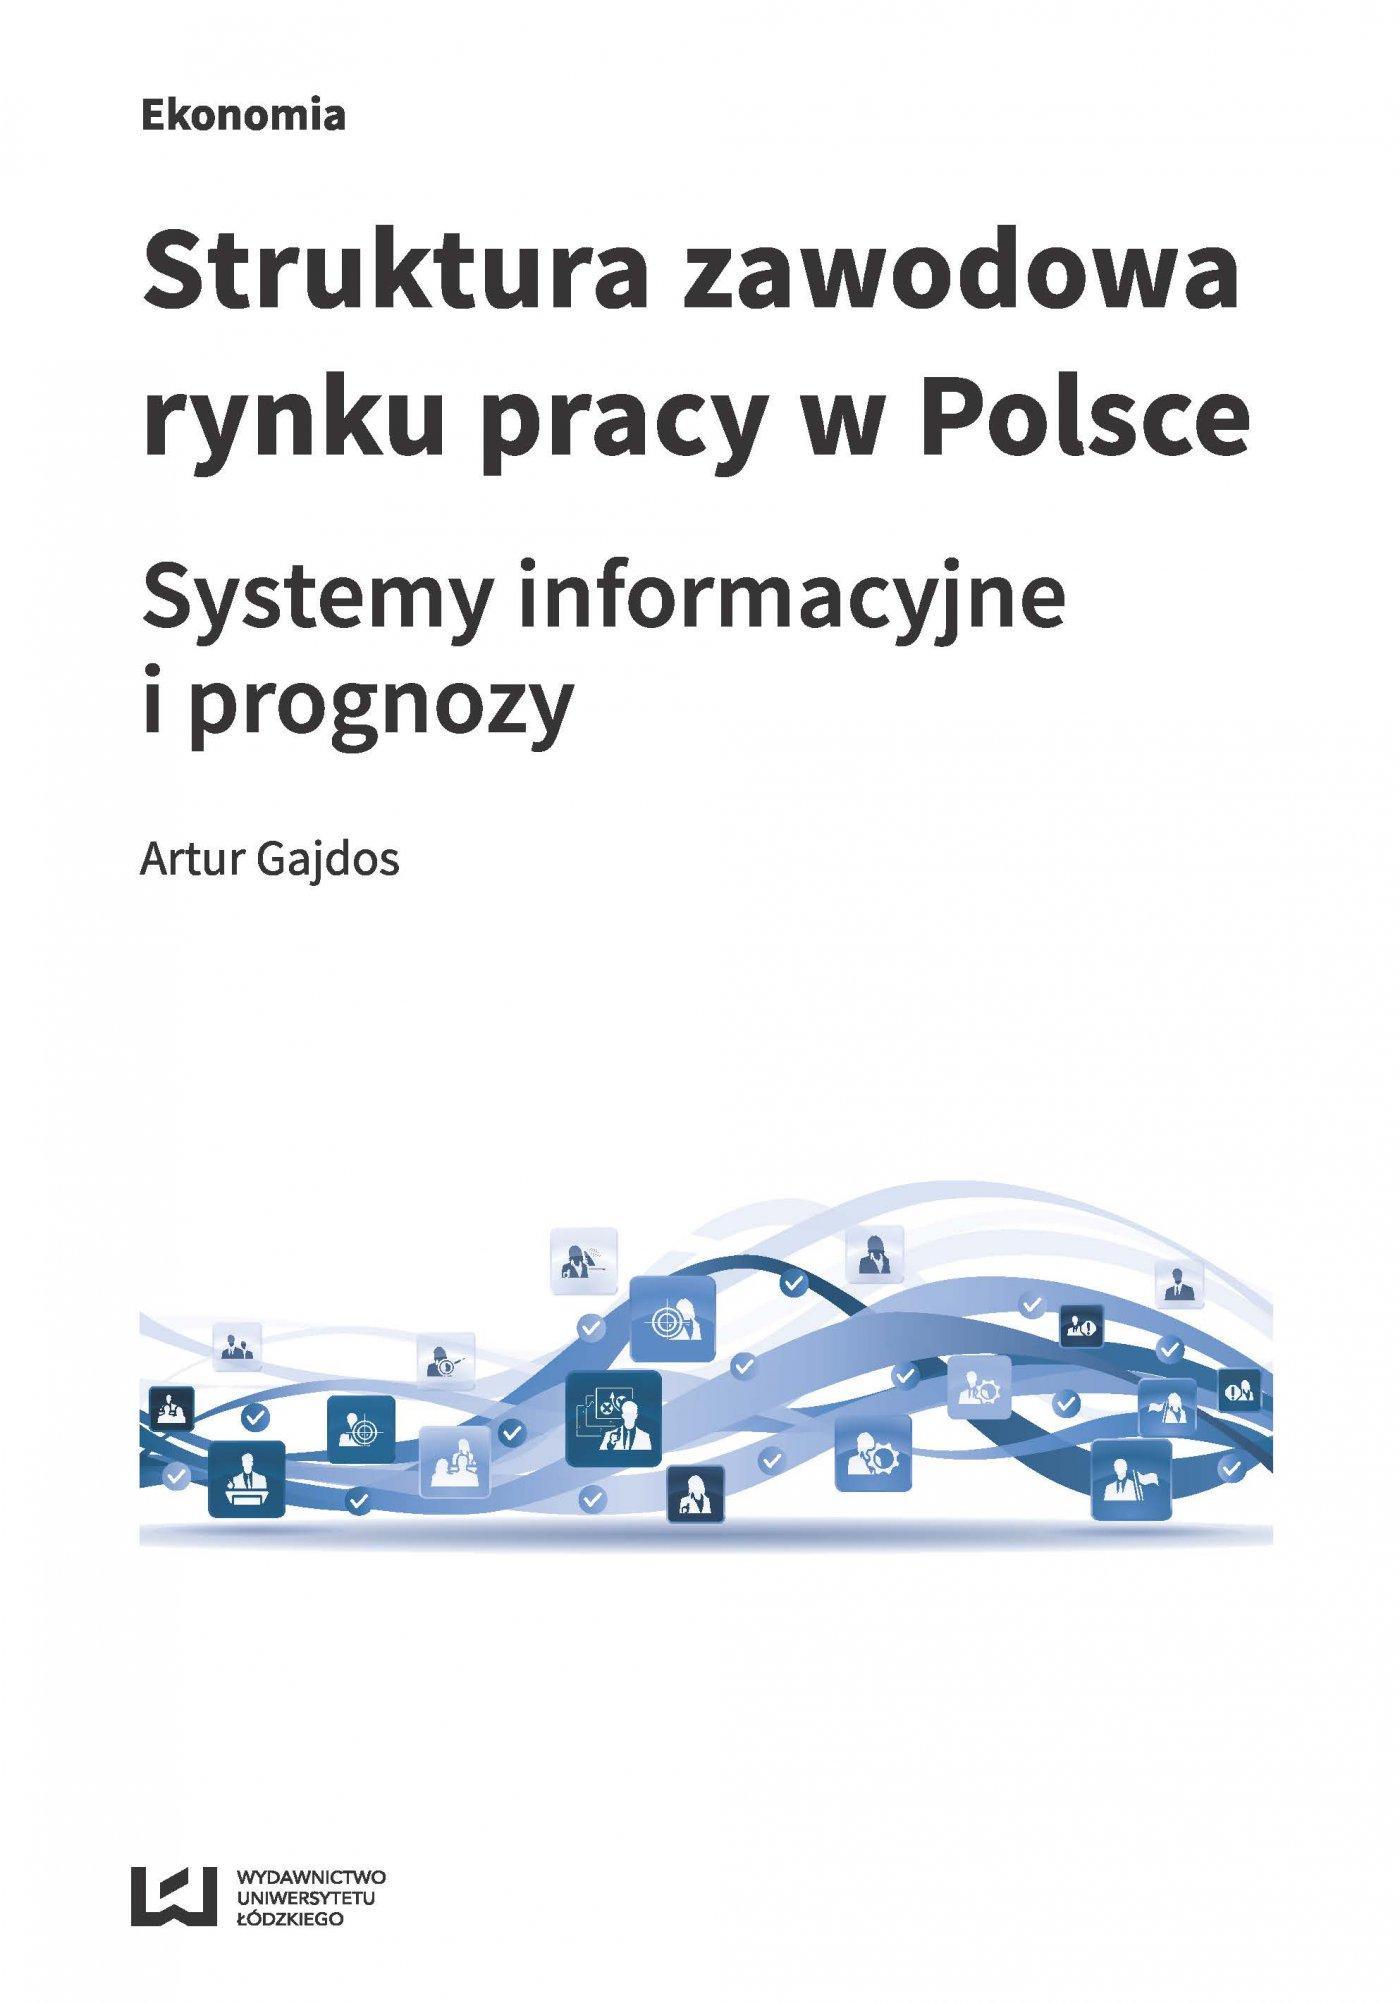 Struktura zawodowa rynku pracy w Polsce. Systemy informacyjne i prognozy - Ebook (Książka PDF) do pobrania w formacie PDF